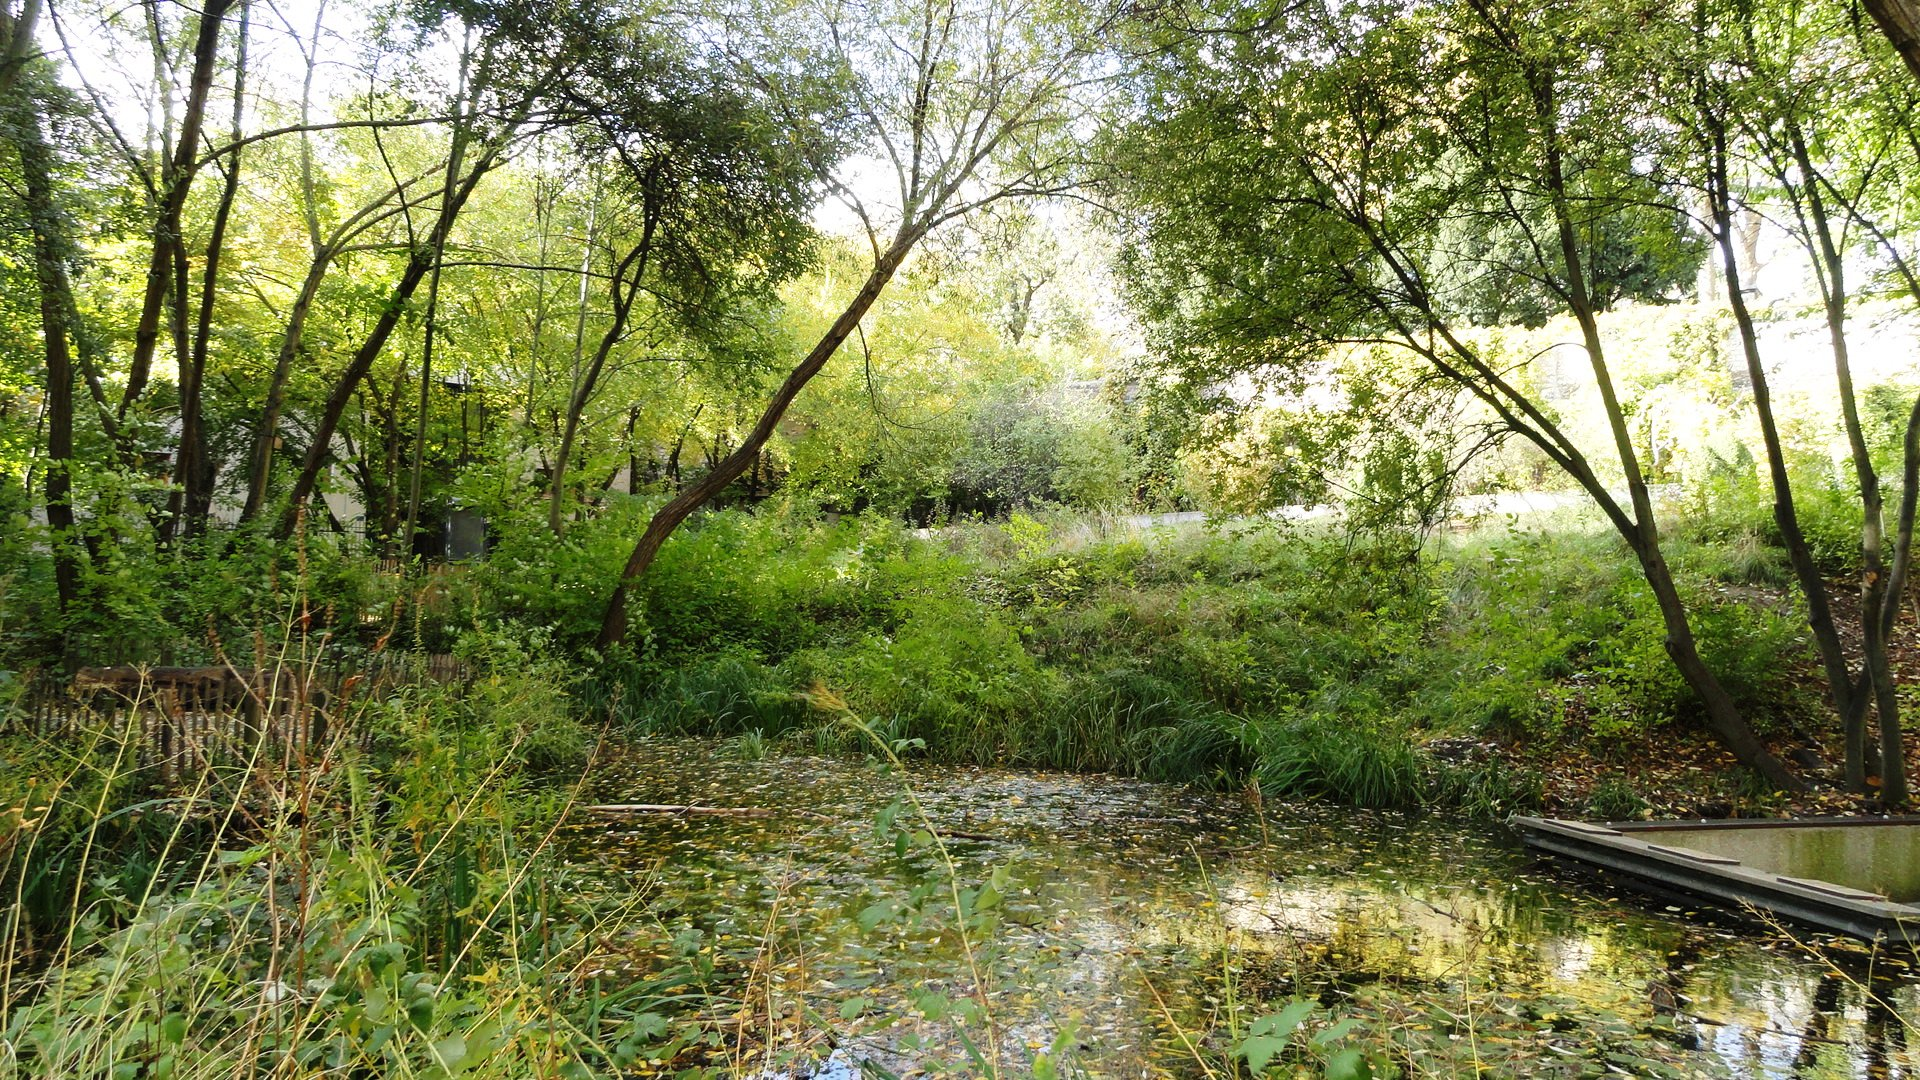 Balade dans le 20e autour de la rue de bagnolet un for Le jardin naturel lespinasse